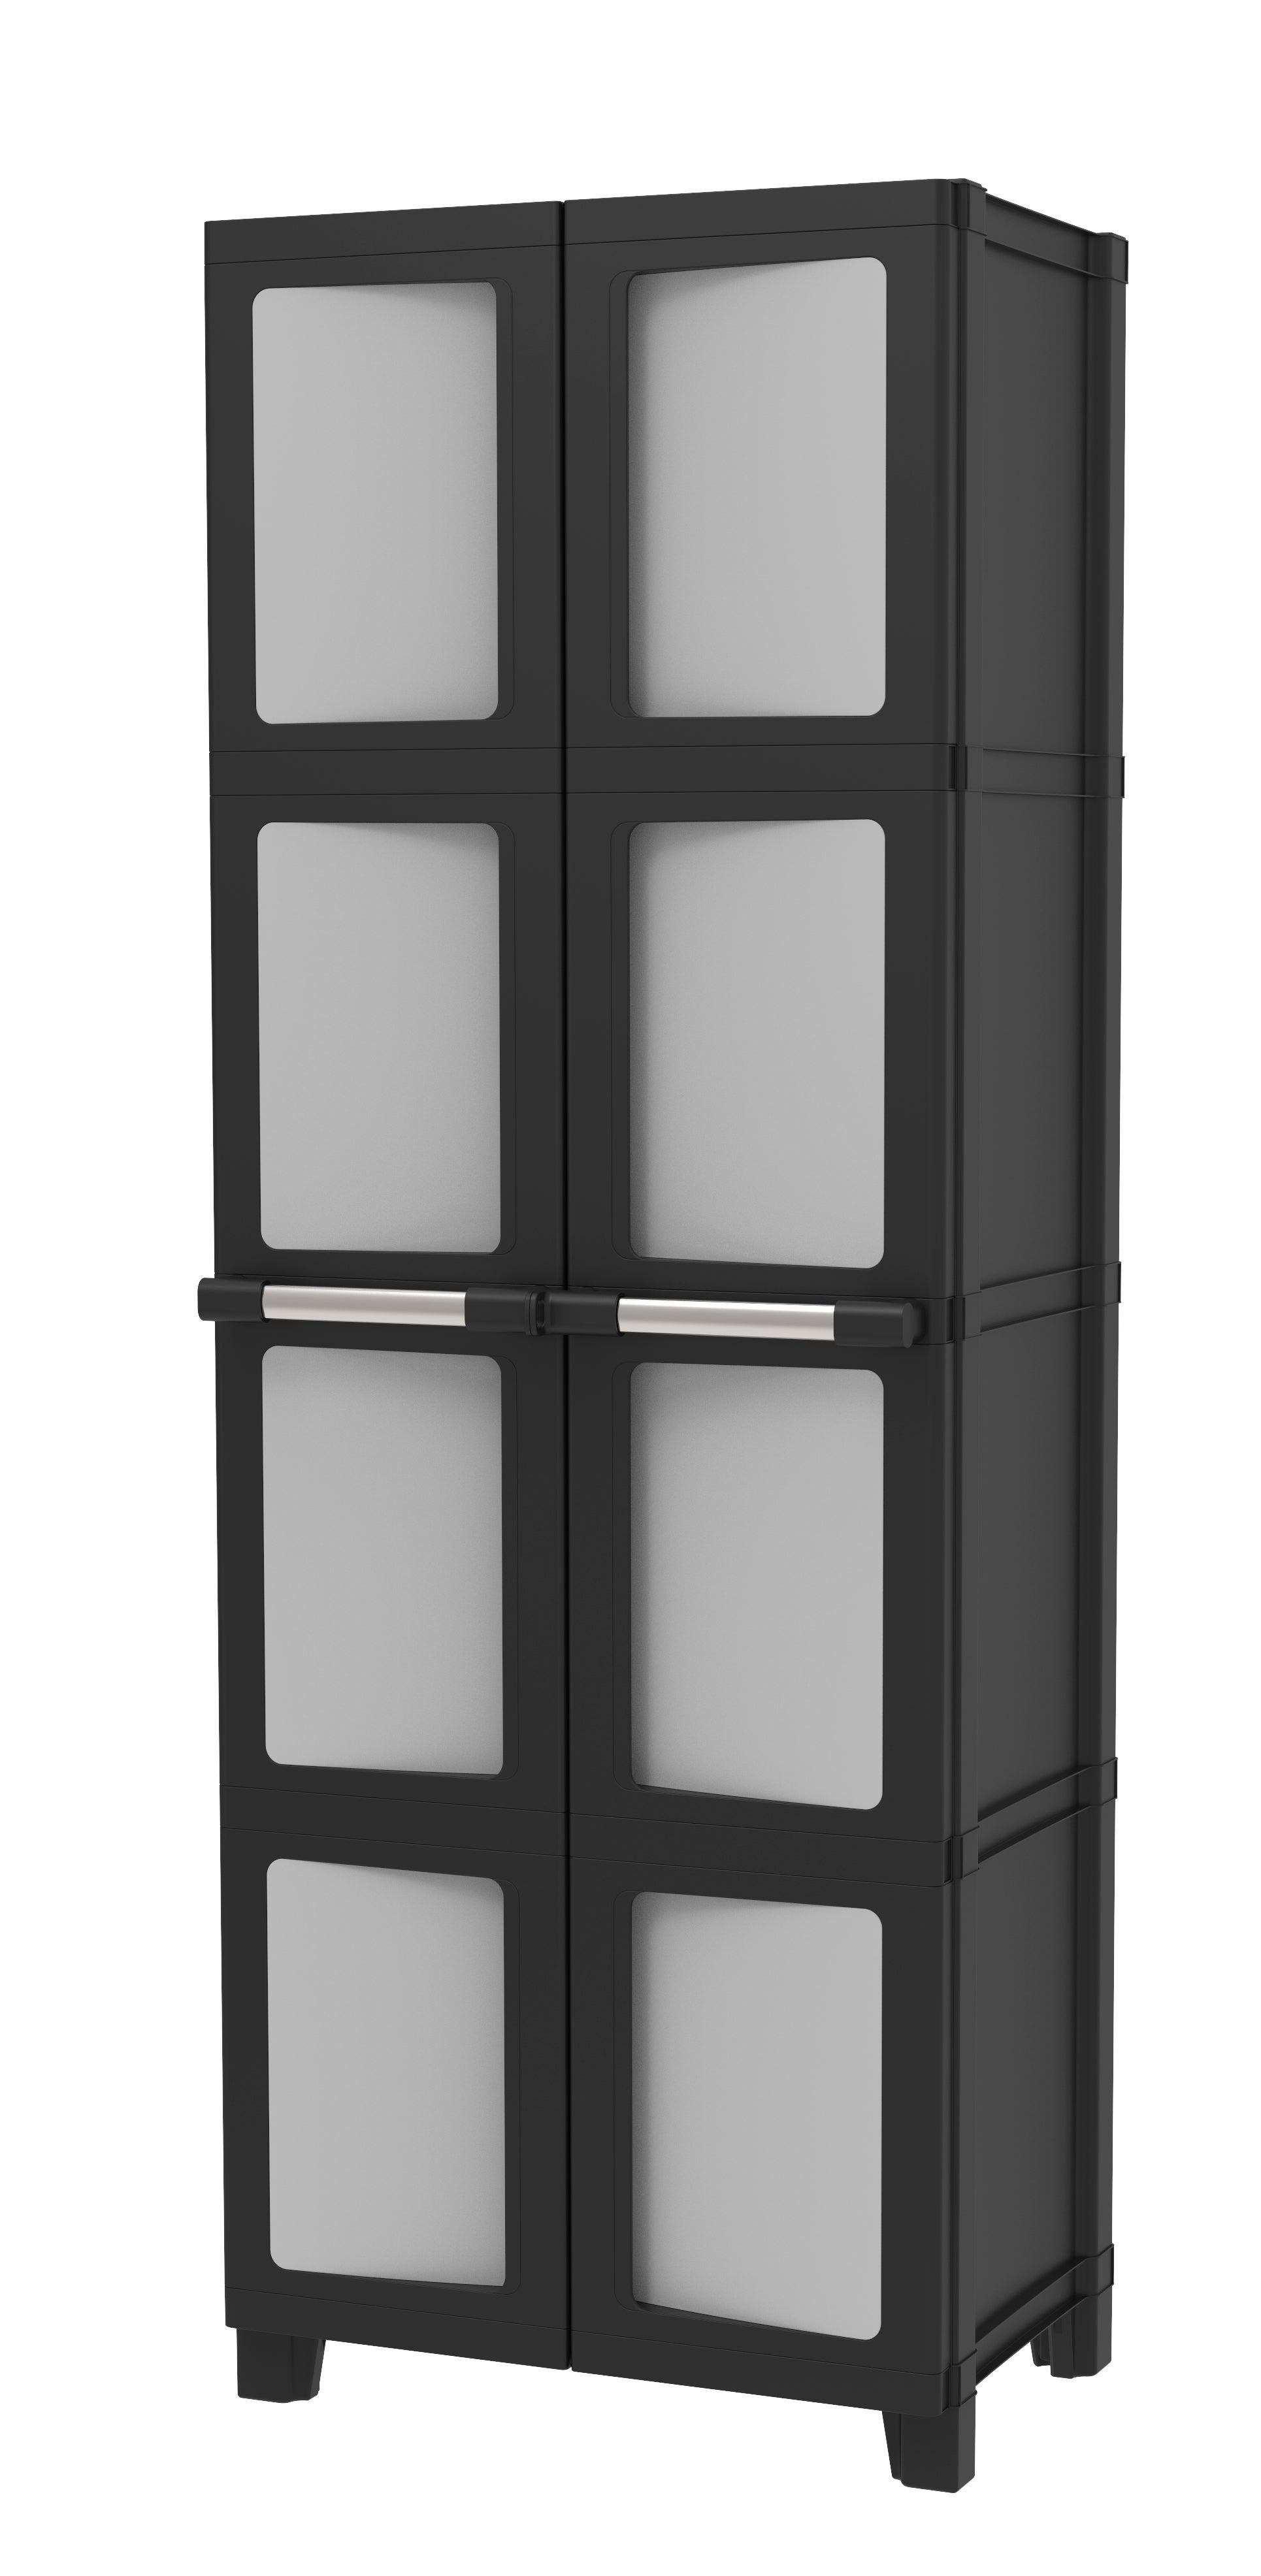 Armoire Haute Plastique 3 Etageres Spaceo Modulize L 65 X H 180 X P 40 Cm Leroy Merlin